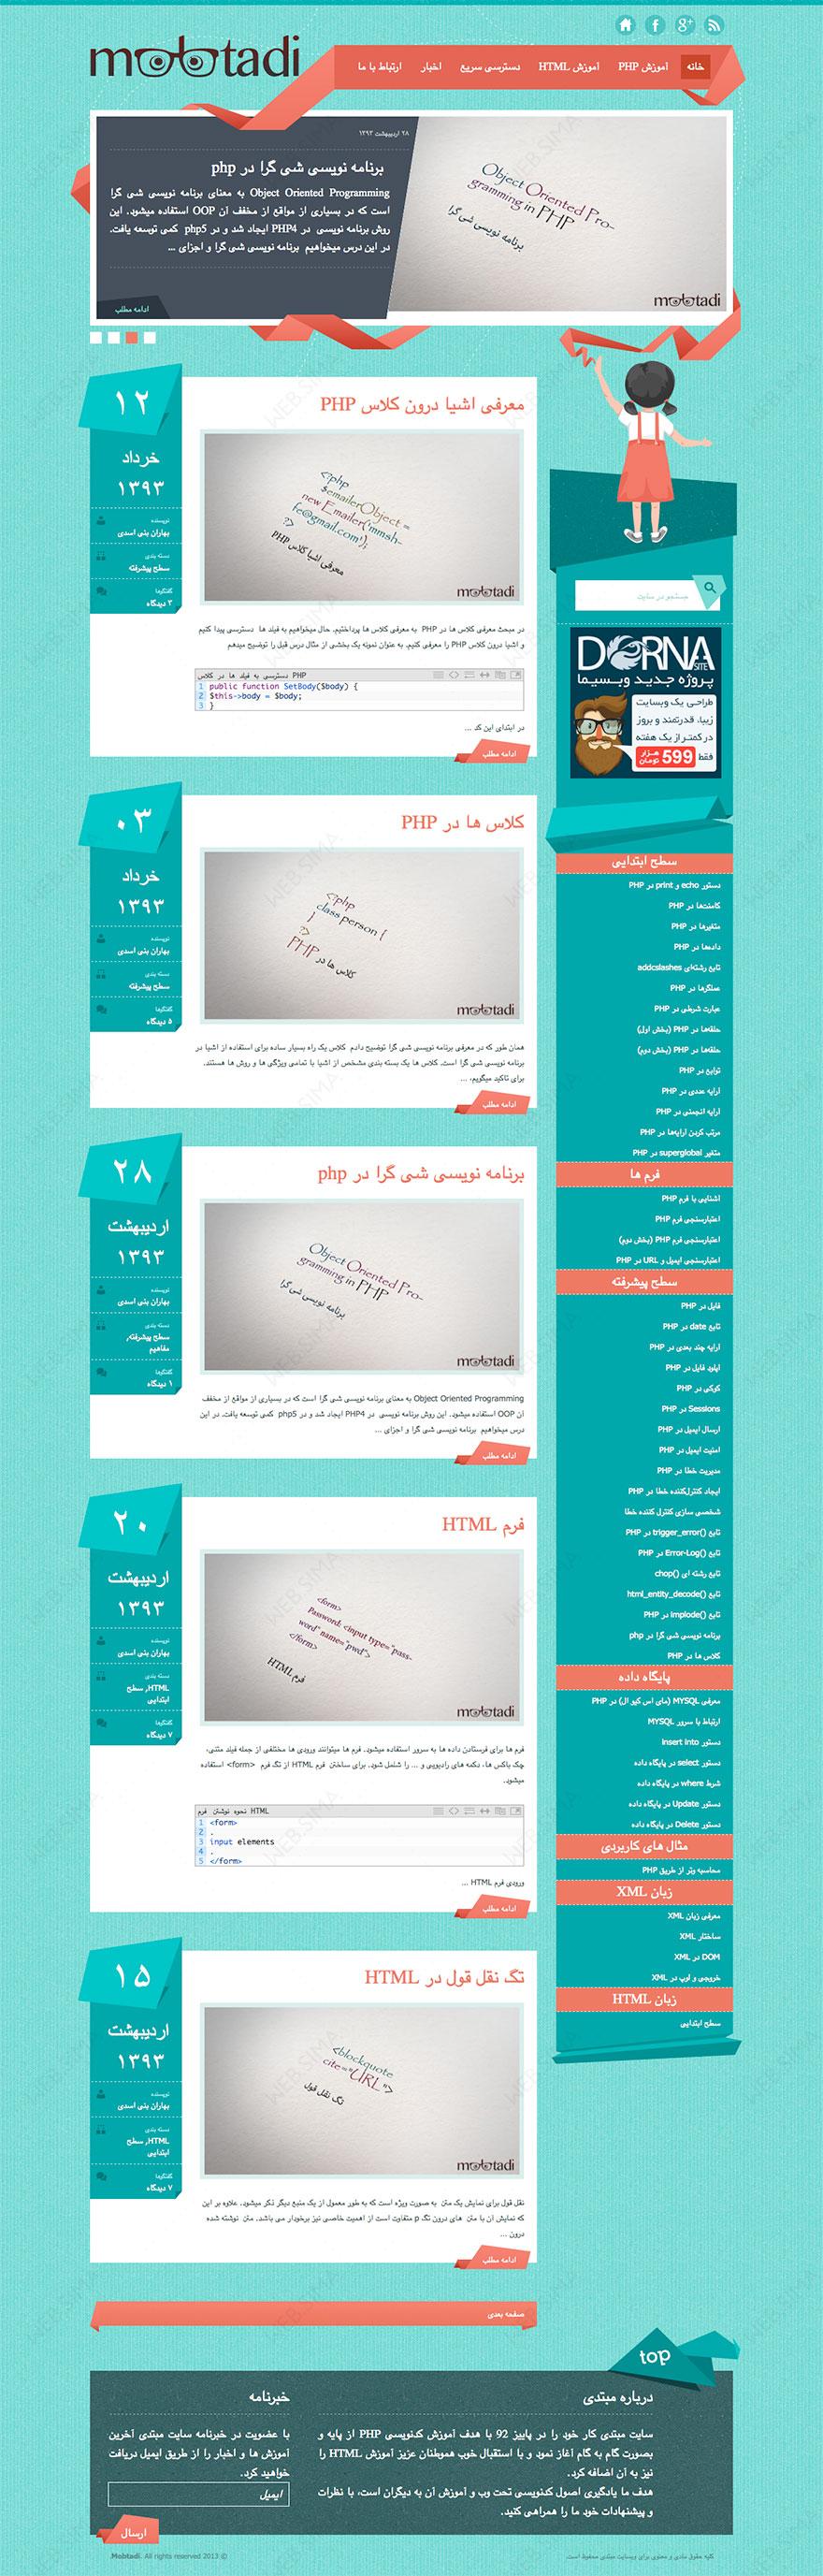 نمونه طراحی سایت آموزشی